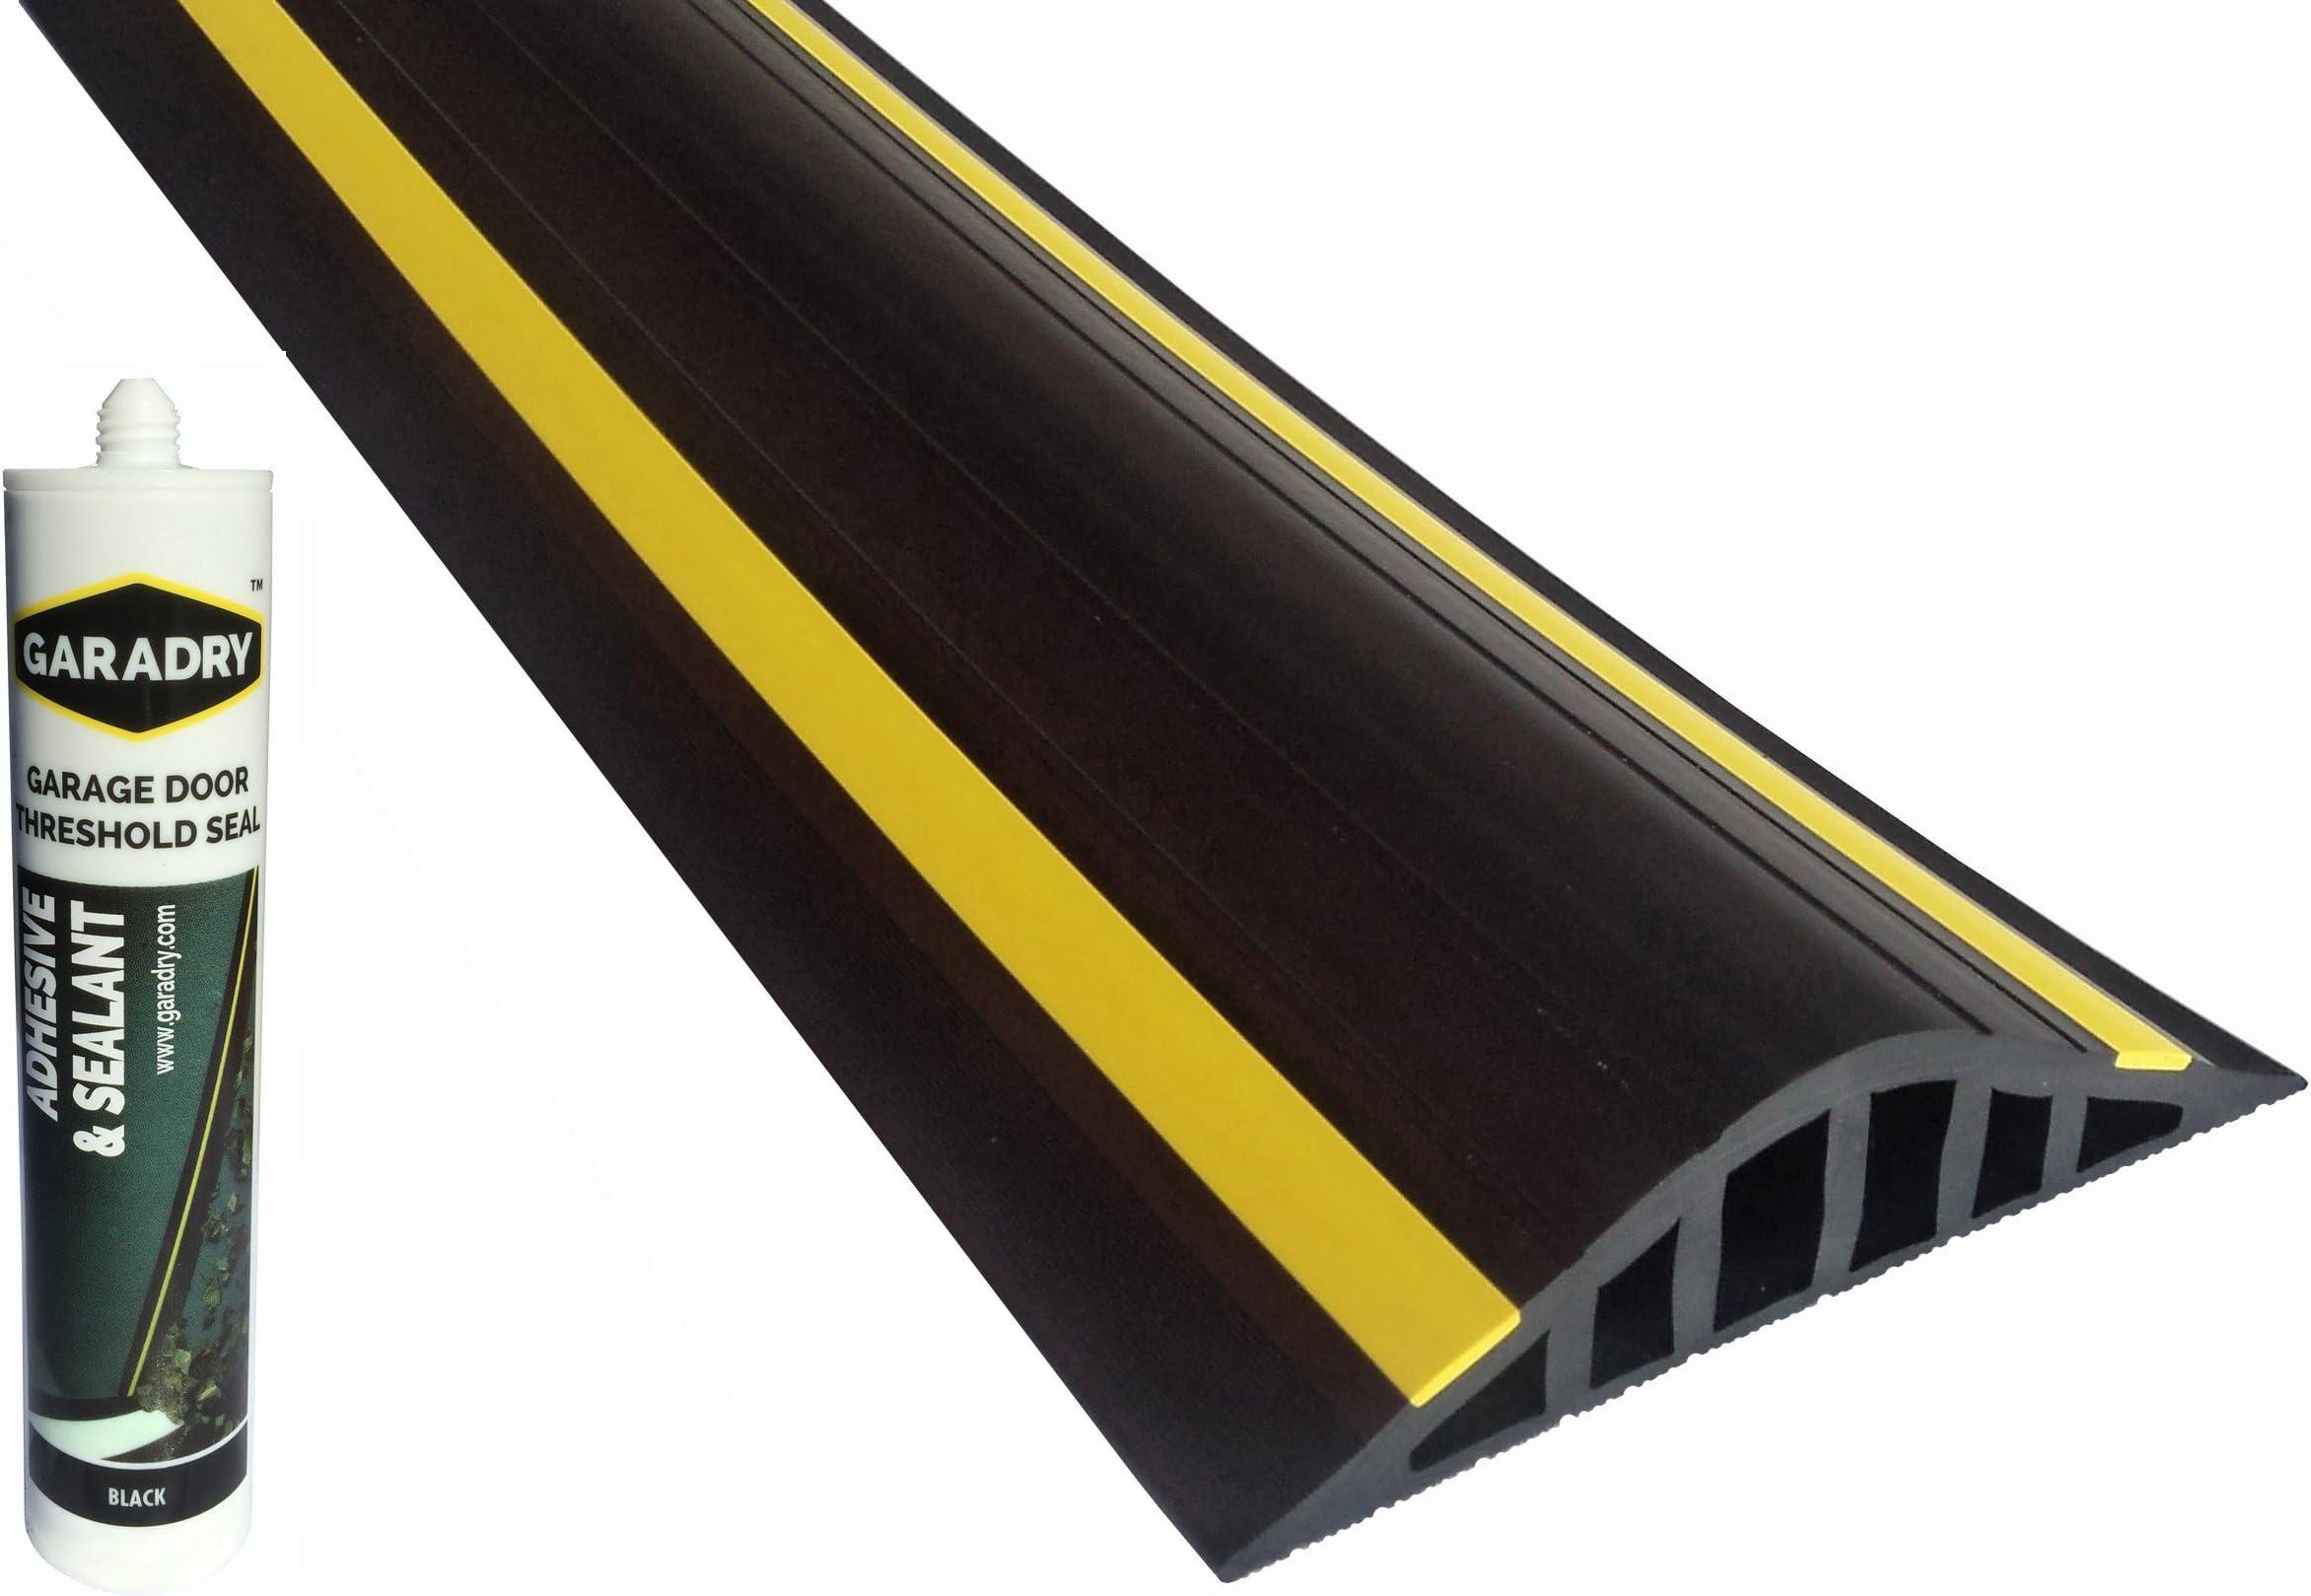 Garadry 1 ½  Garage Door Flood Barrier Threshold Kit ...  sc 1 st  Amazon.com & Weatherproofing Garage Door Seals | Amazon.com | Building Supplies ...